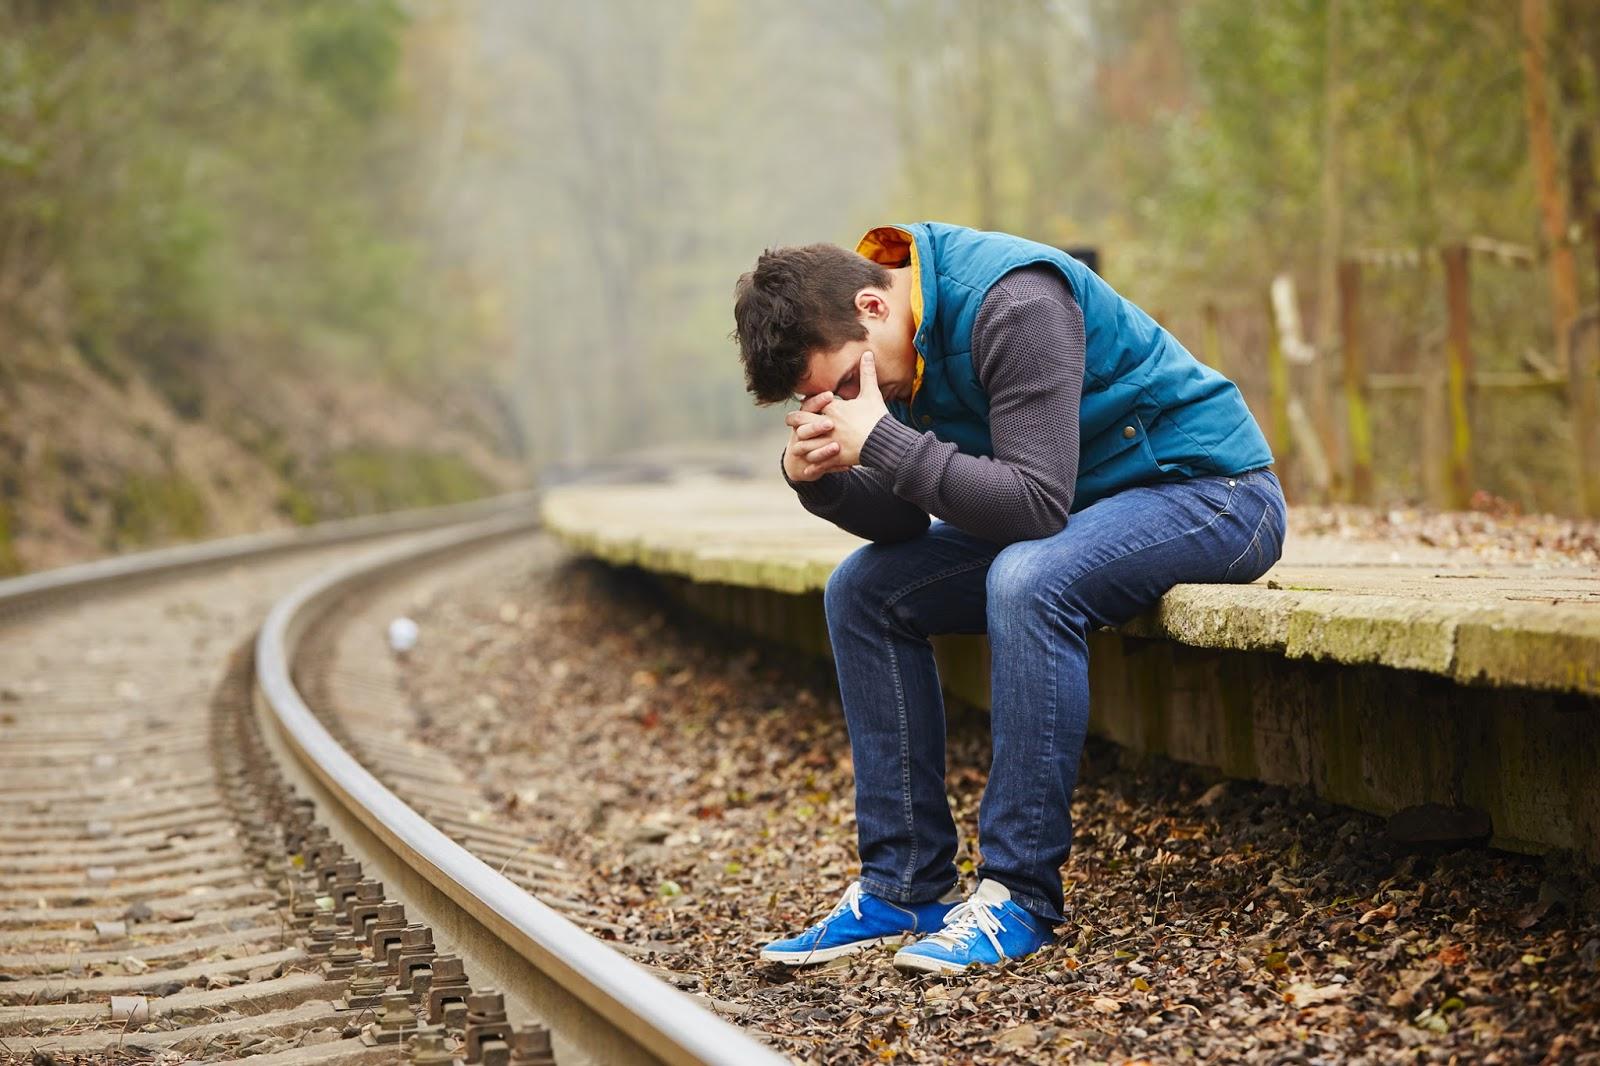 Ảnh con trai khóc bên đường tàu